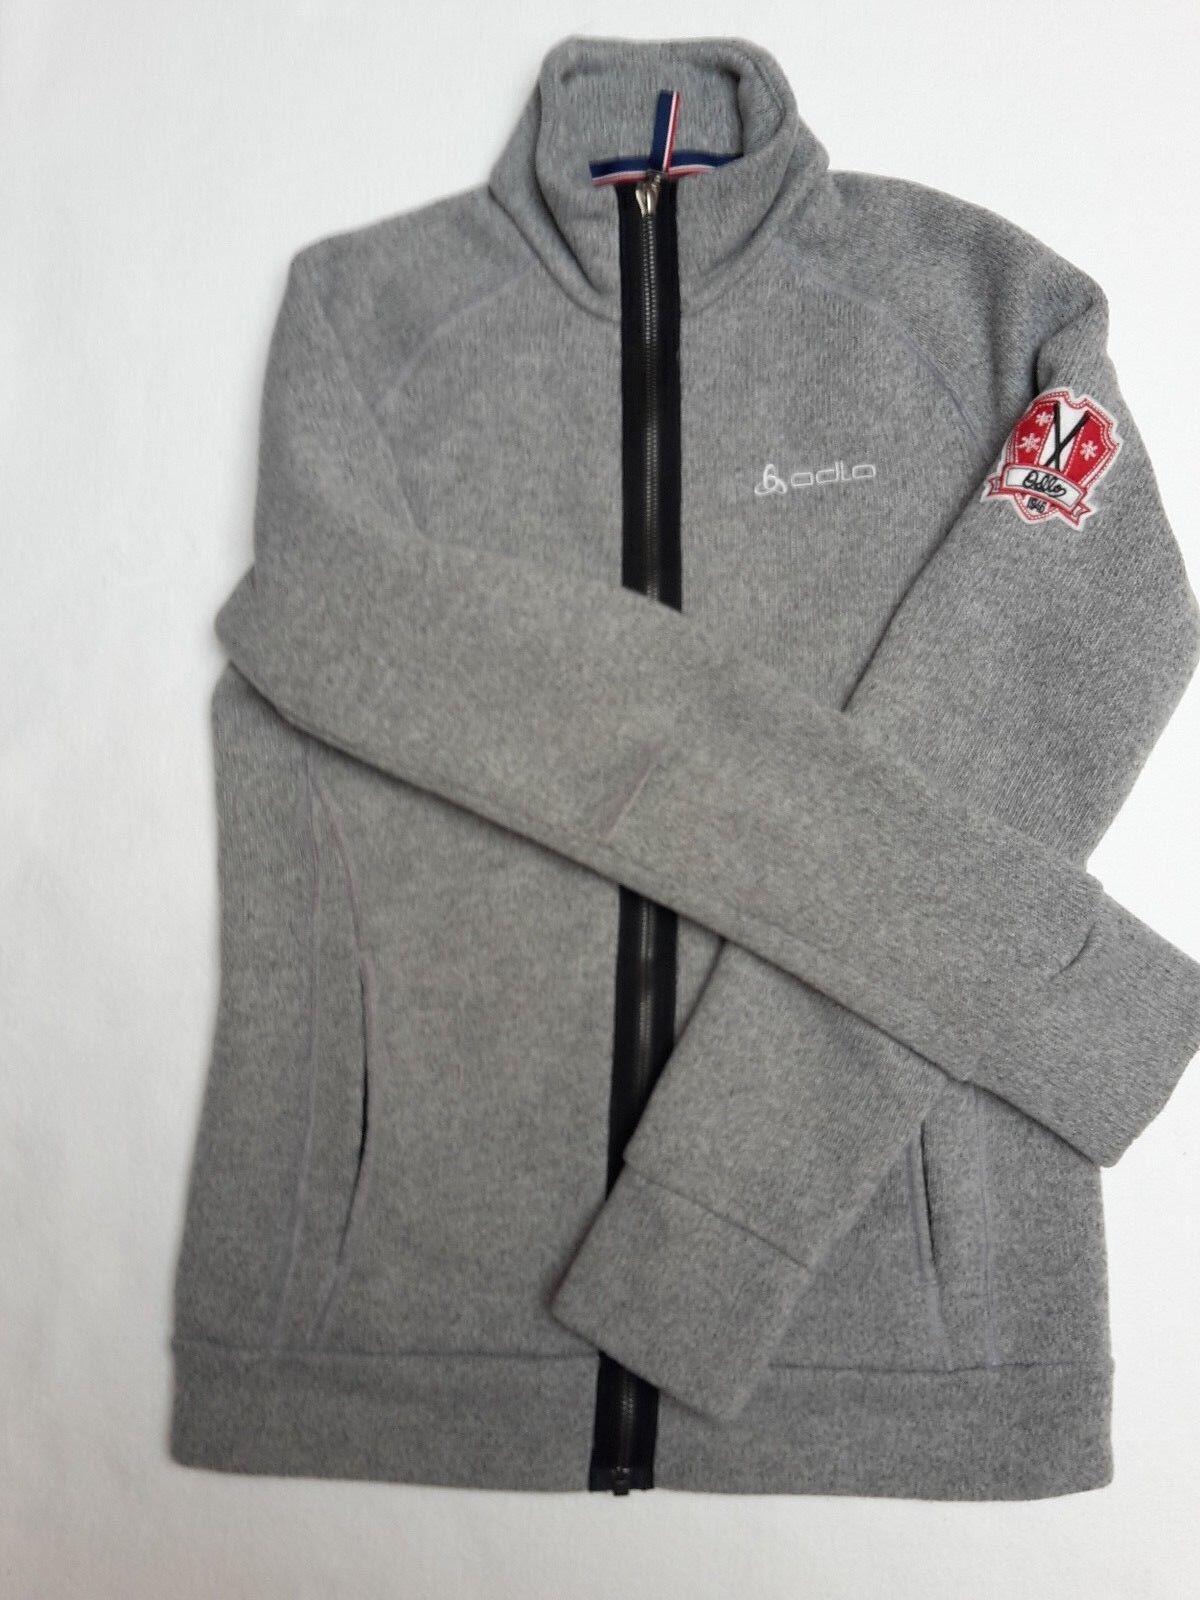 Odlo Polartec Polartec Polartec Outdoor Jacke Damen 38 kaum getragen eb23cb